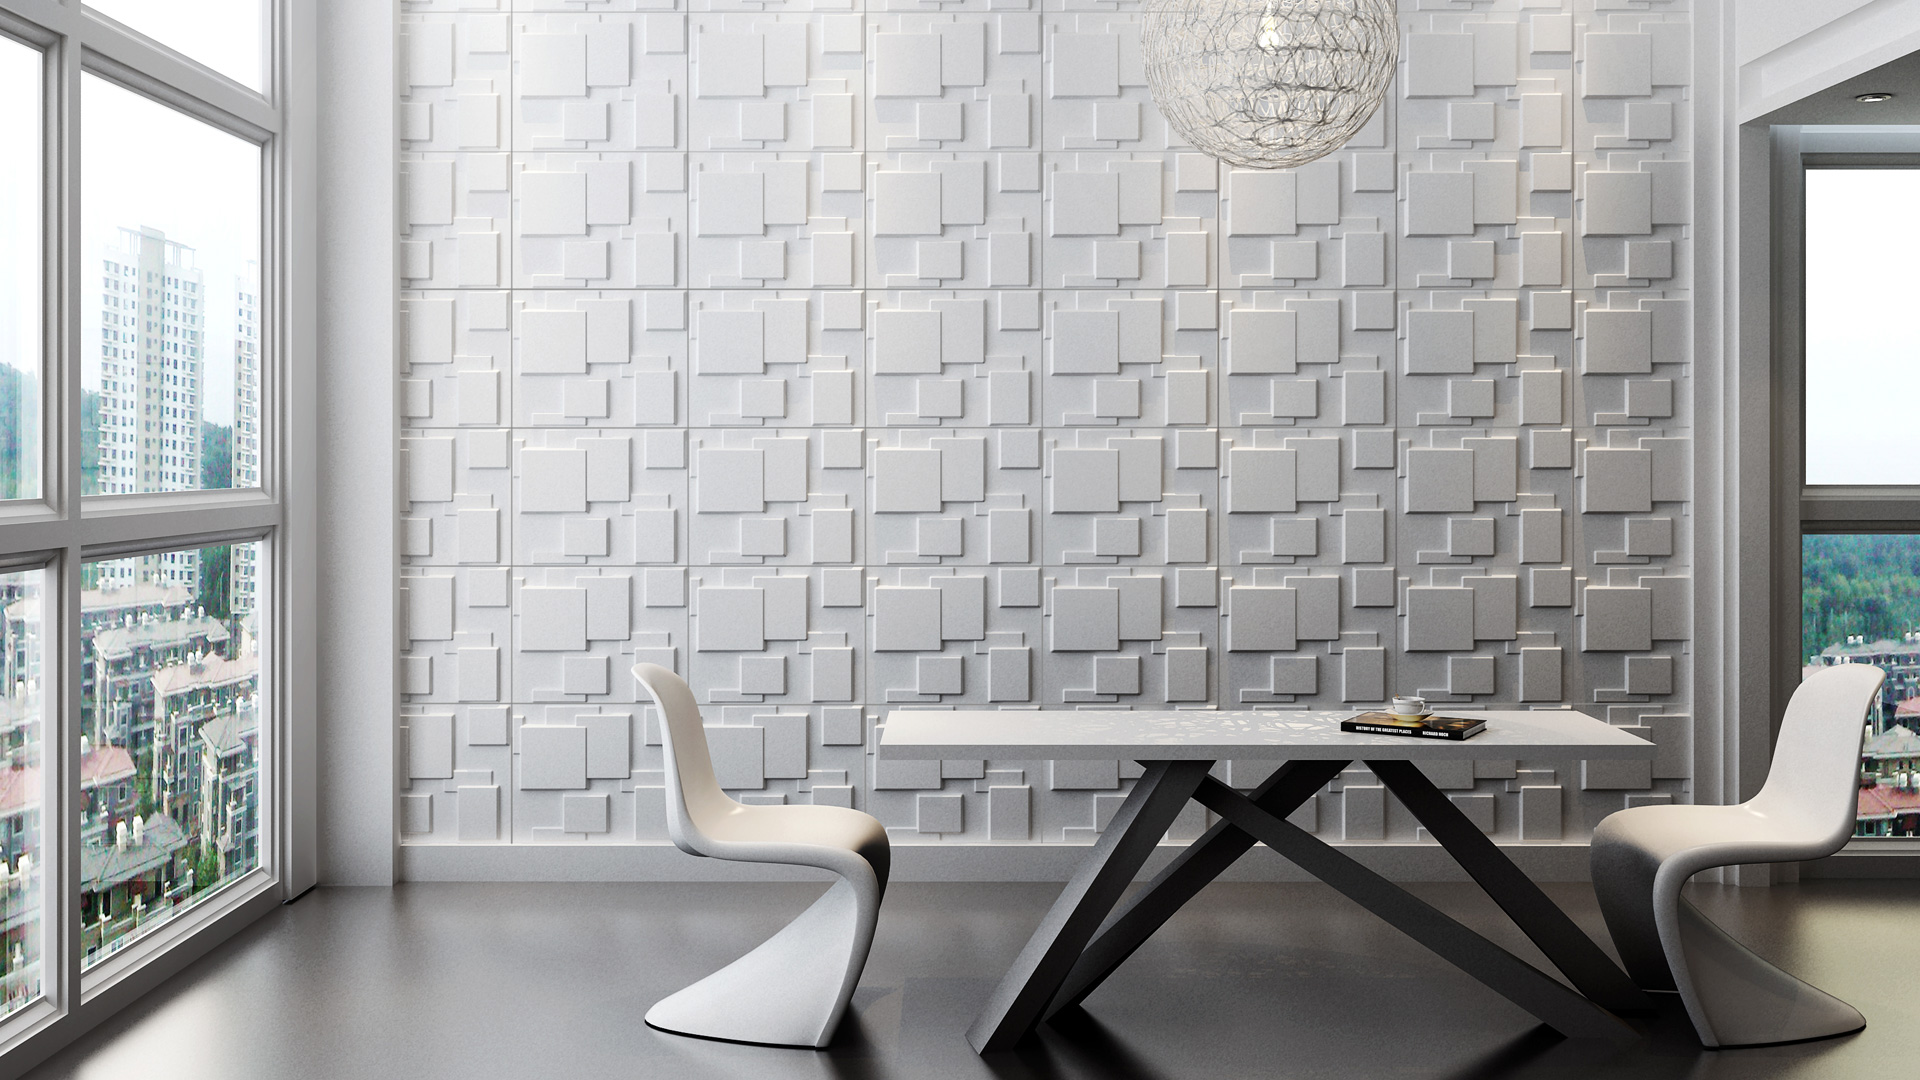 Erstaunlich Küche Und Esszimmer. Design Ideen. 3D Wandpaneele   Produkte   Choc    Deckenpaneele   3D Tapeten   Wandverkleidung